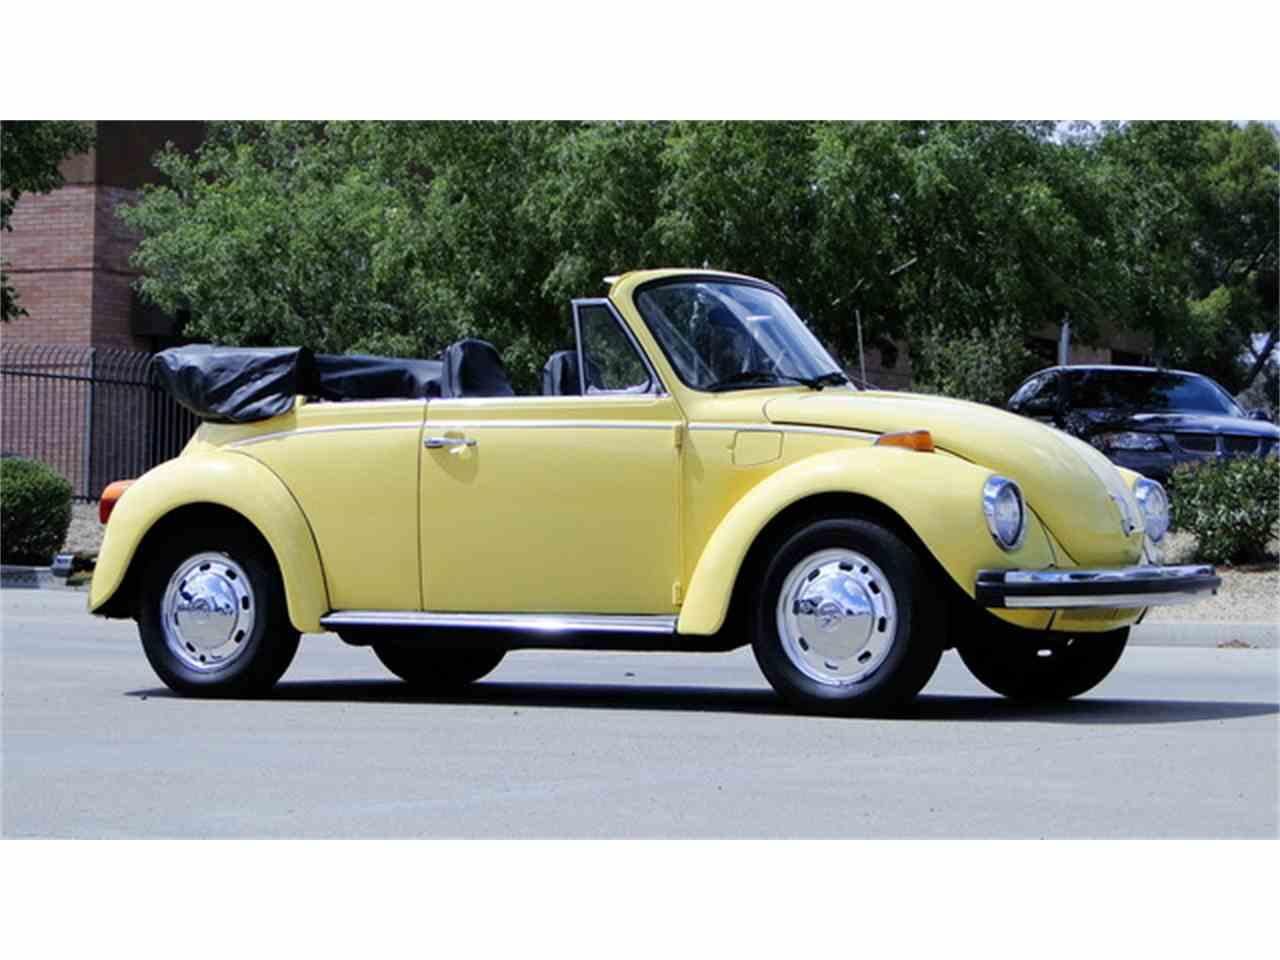 1974 Volkswagen Super Beetle Convertible For Sale